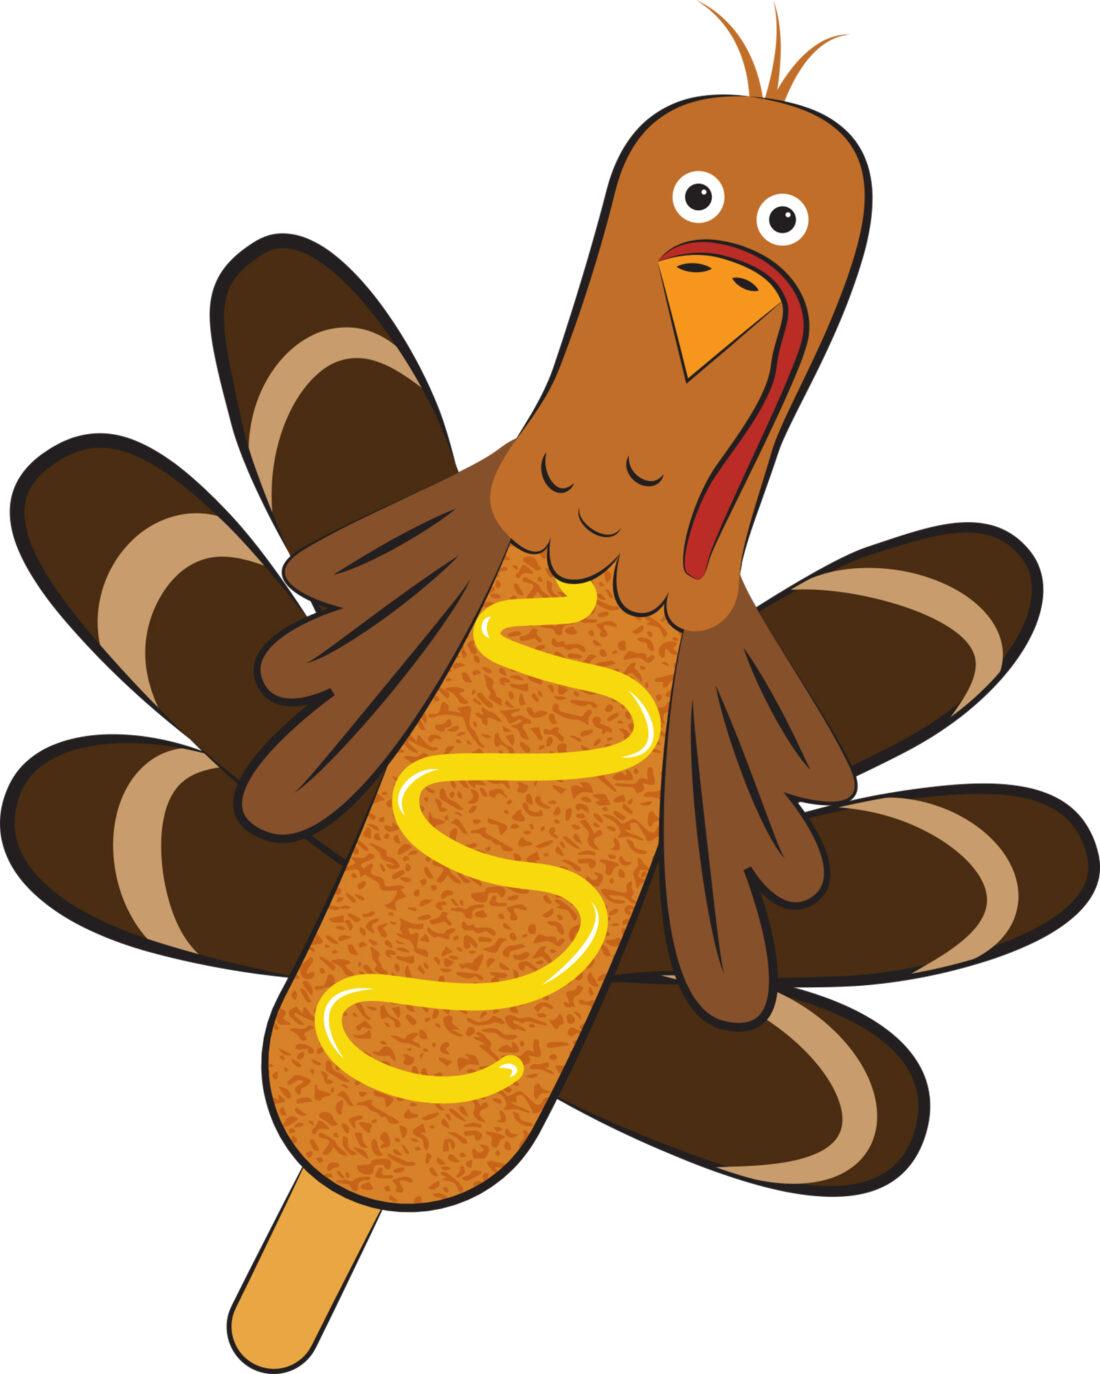 turkey corn dog custom illustration